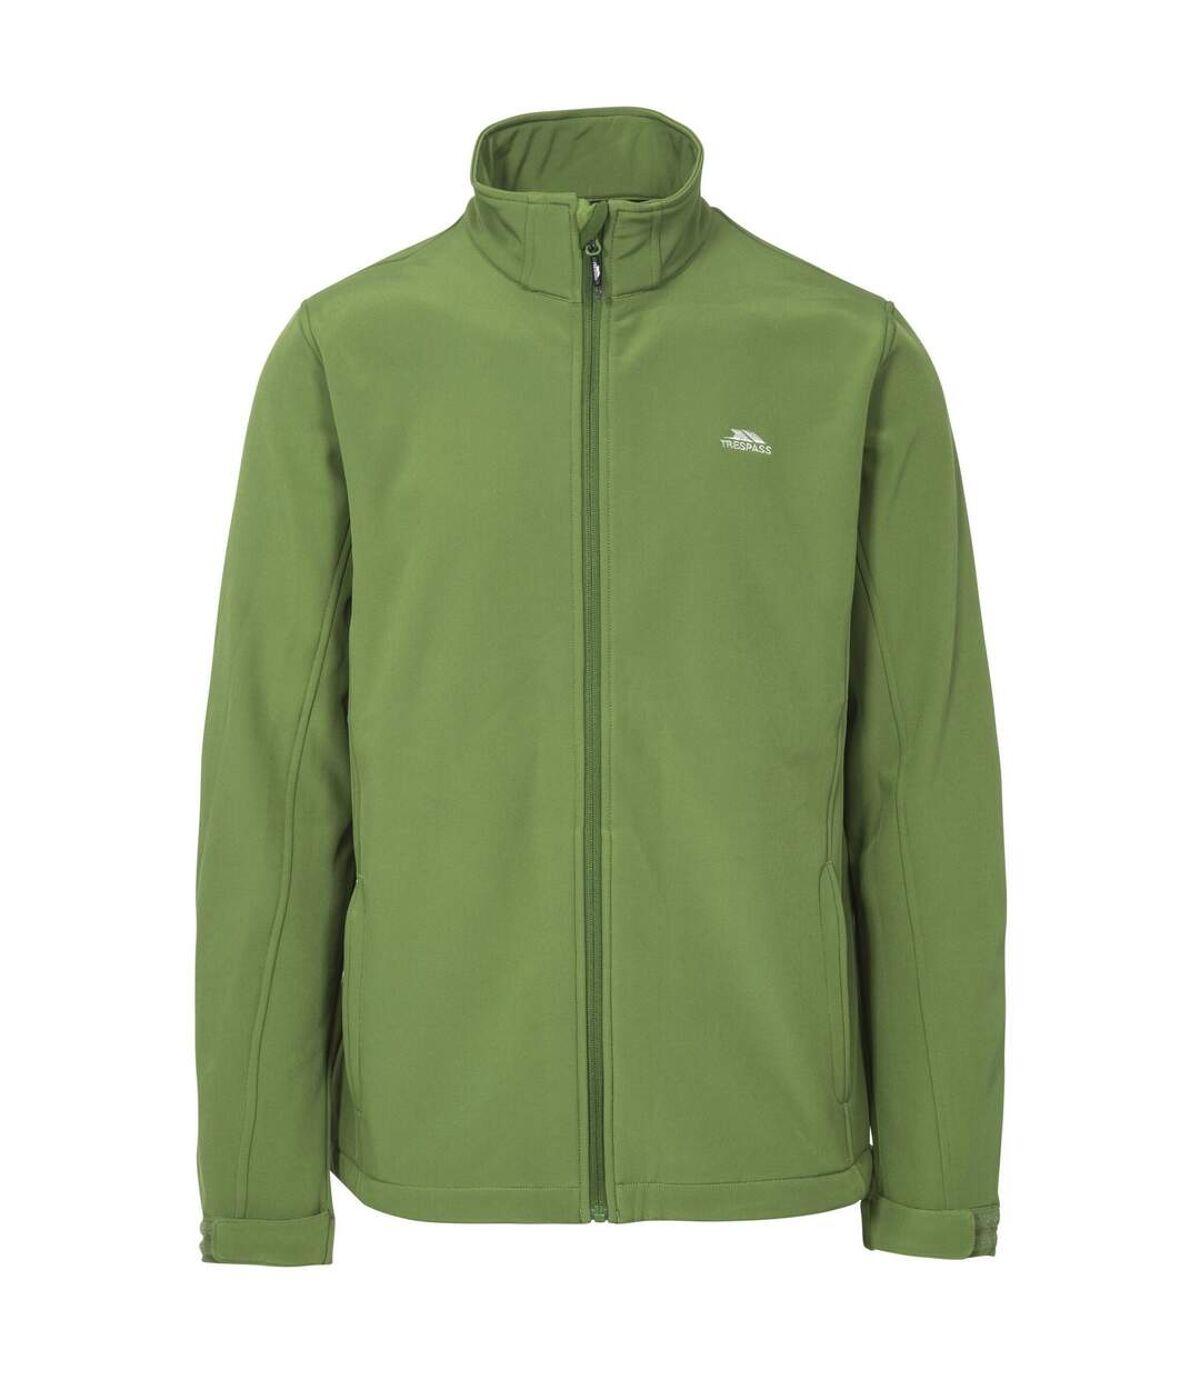 Trespass Mens Vander Softshell Jacket (Fern) - UTTP3334